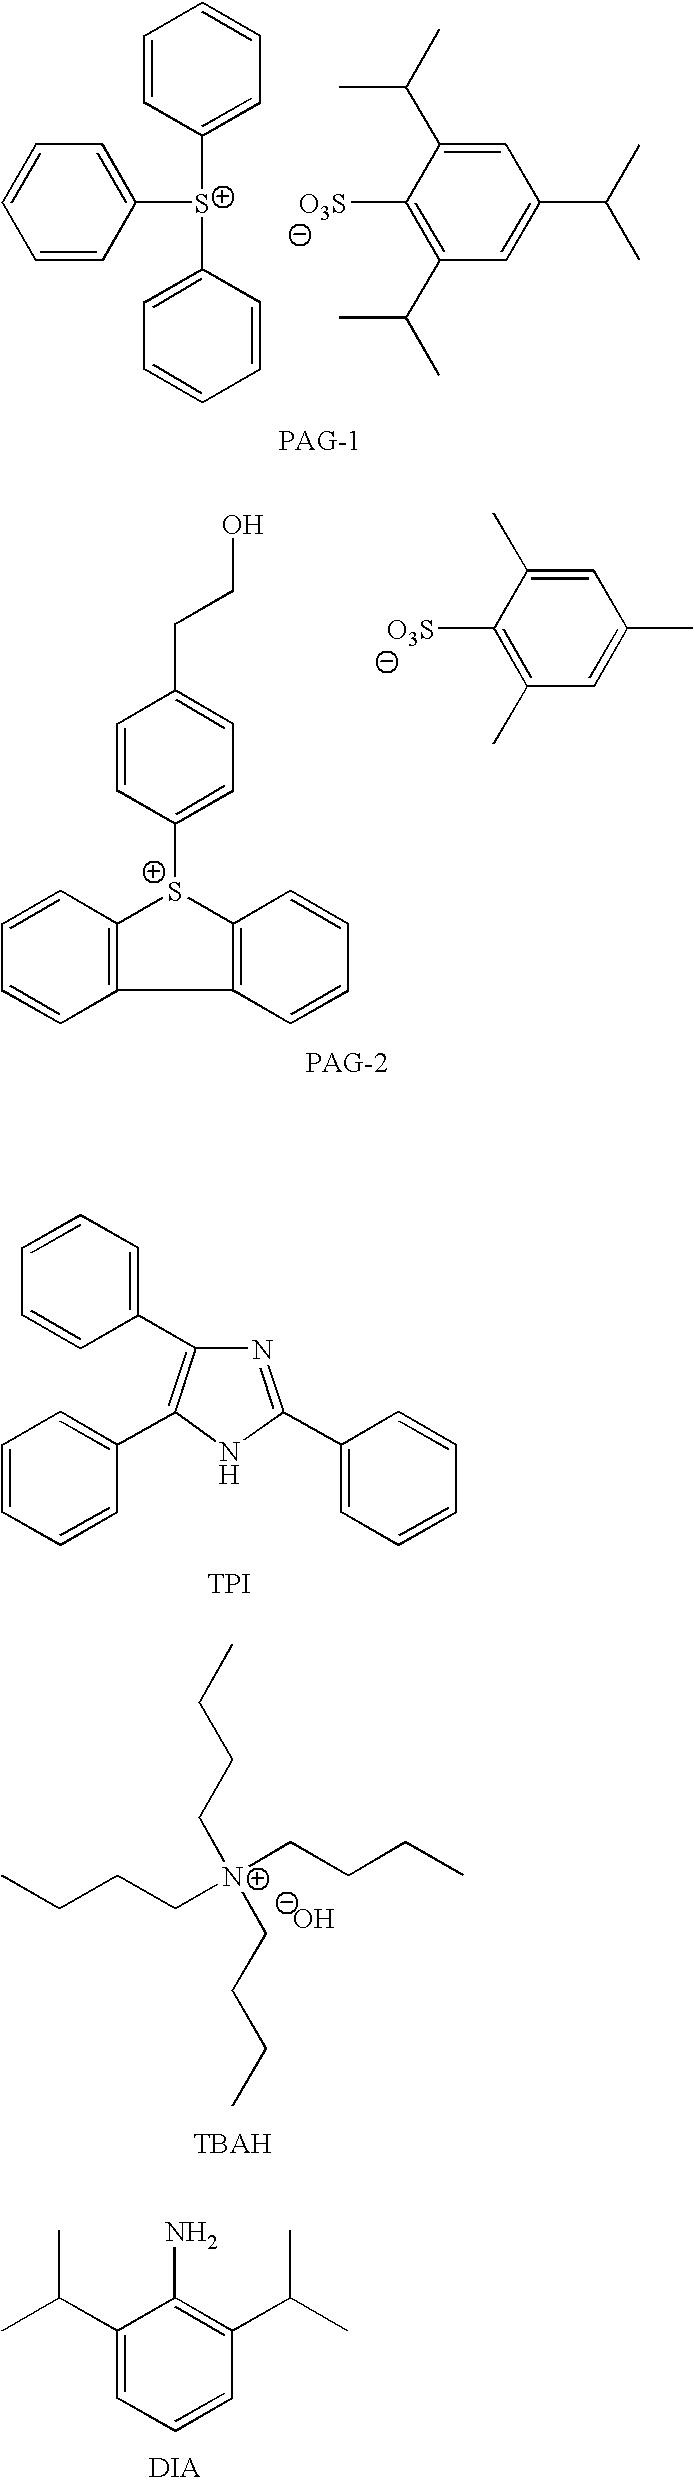 Figure US20100183975A1-20100722-C00240